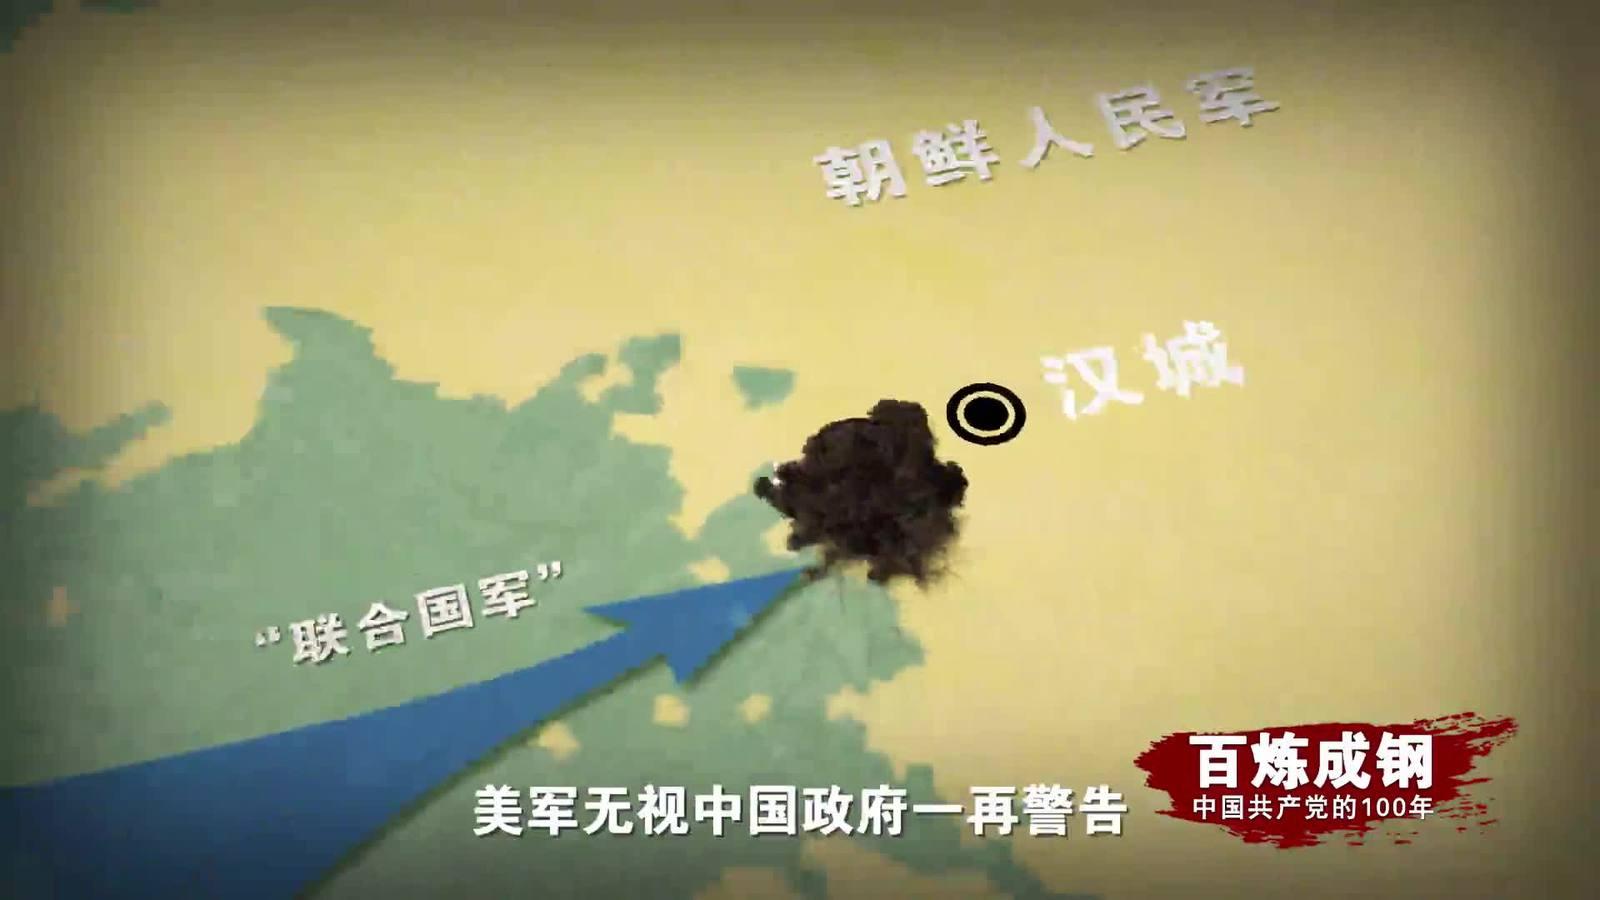 百炼成钢|中国共产党的100年 第二十七集:舍生忘死保和平